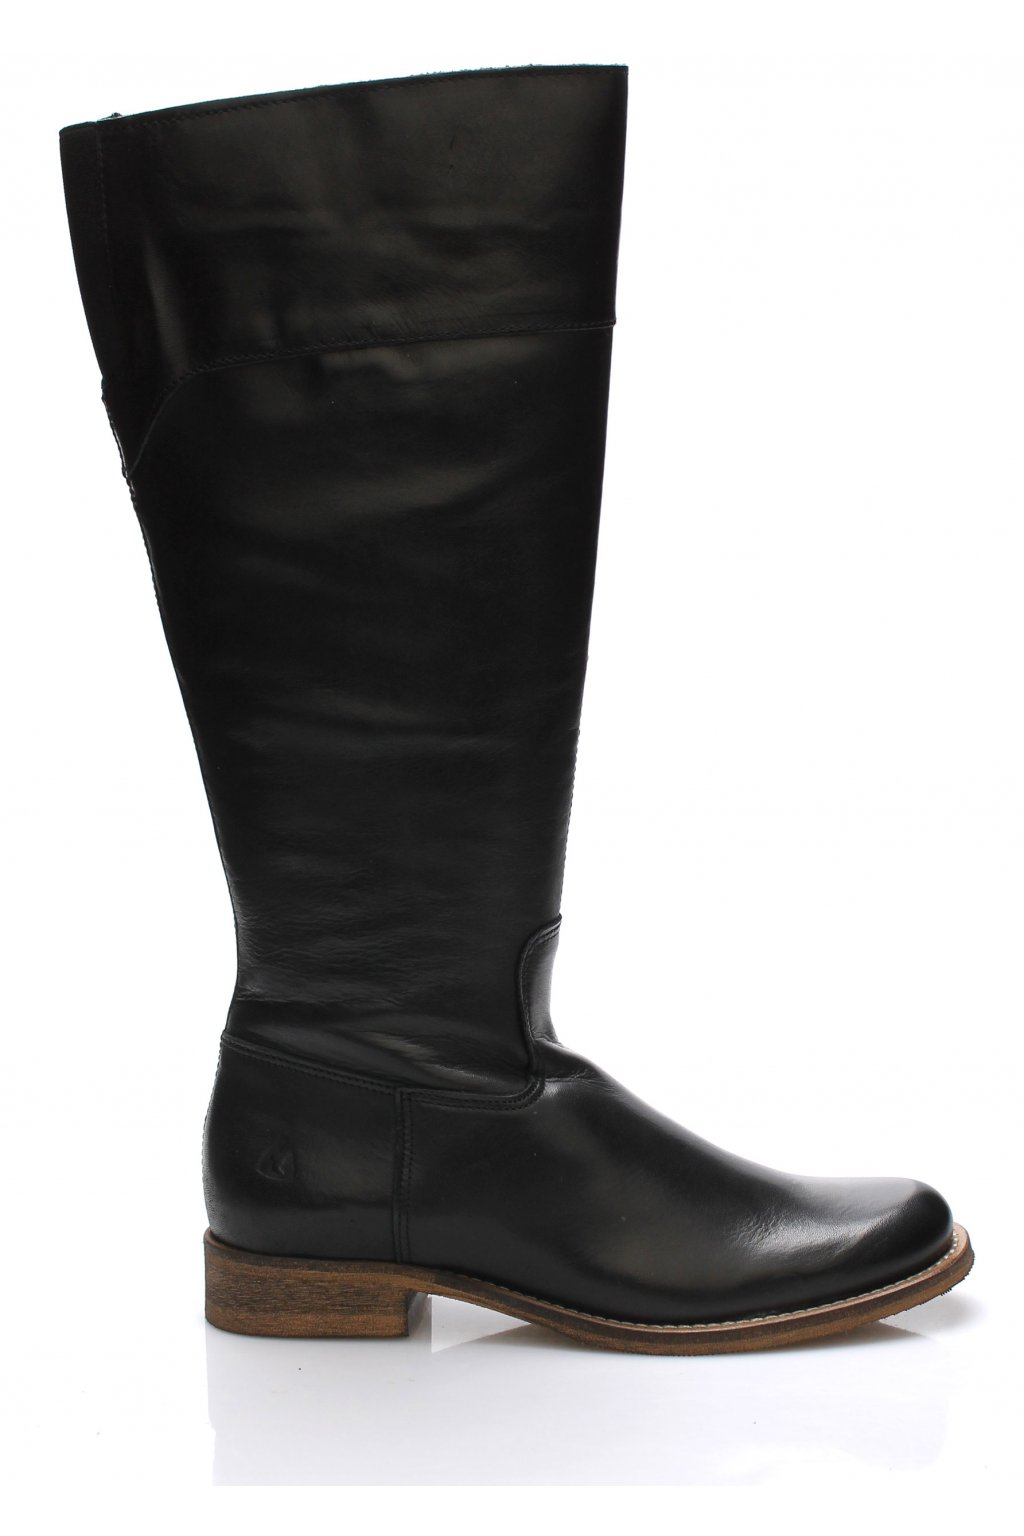 Černé kožené kozačky s elastickou vsadkou Online Shoes